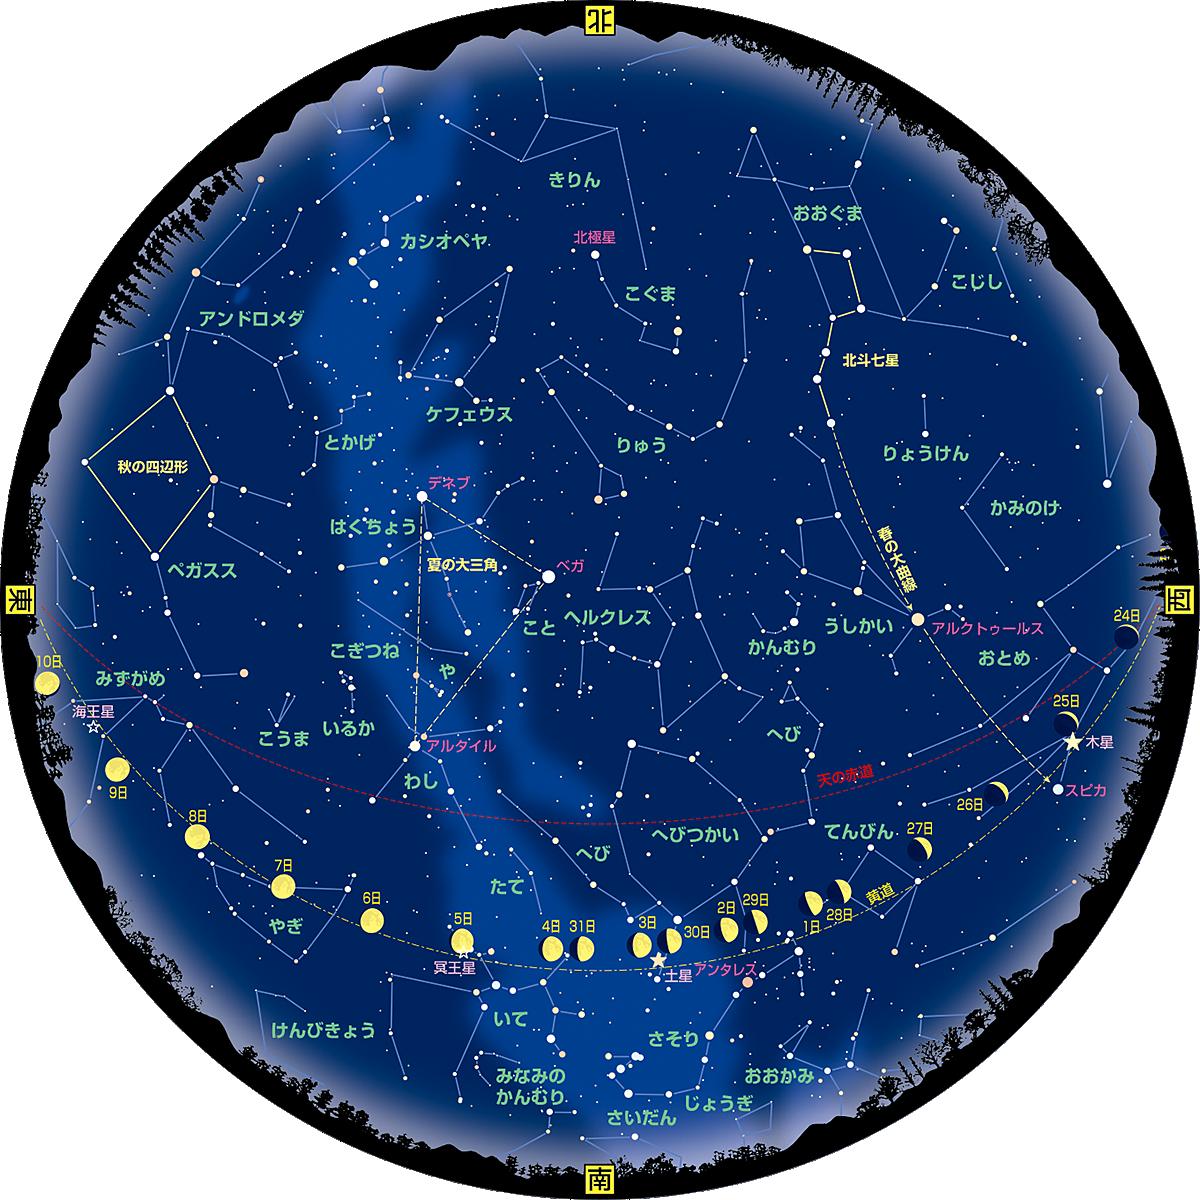 星を見る・宇宙を知る・天文を楽しむ AstroArts星空ガイド2017年